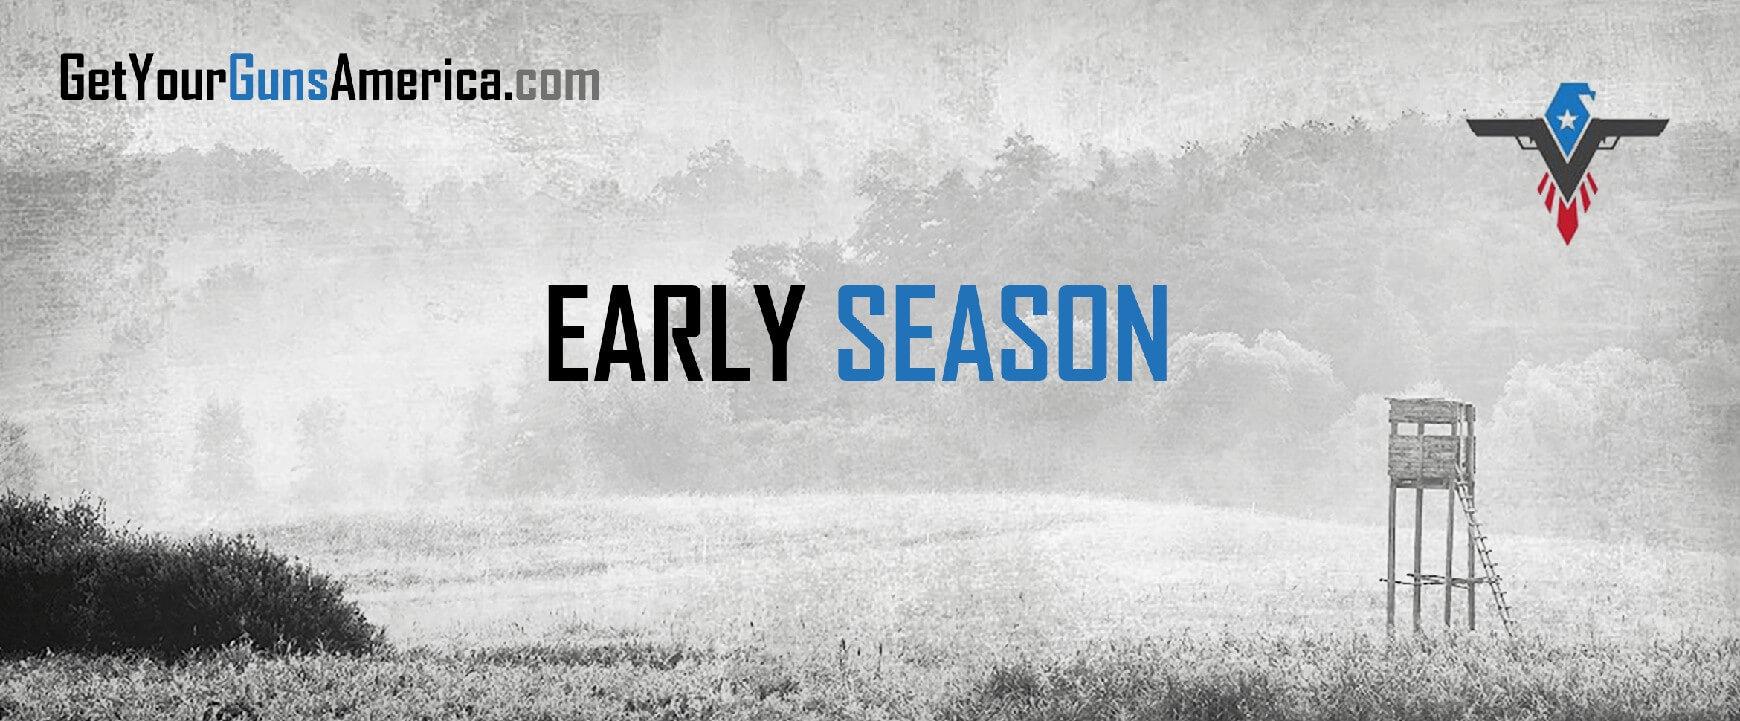 Early season